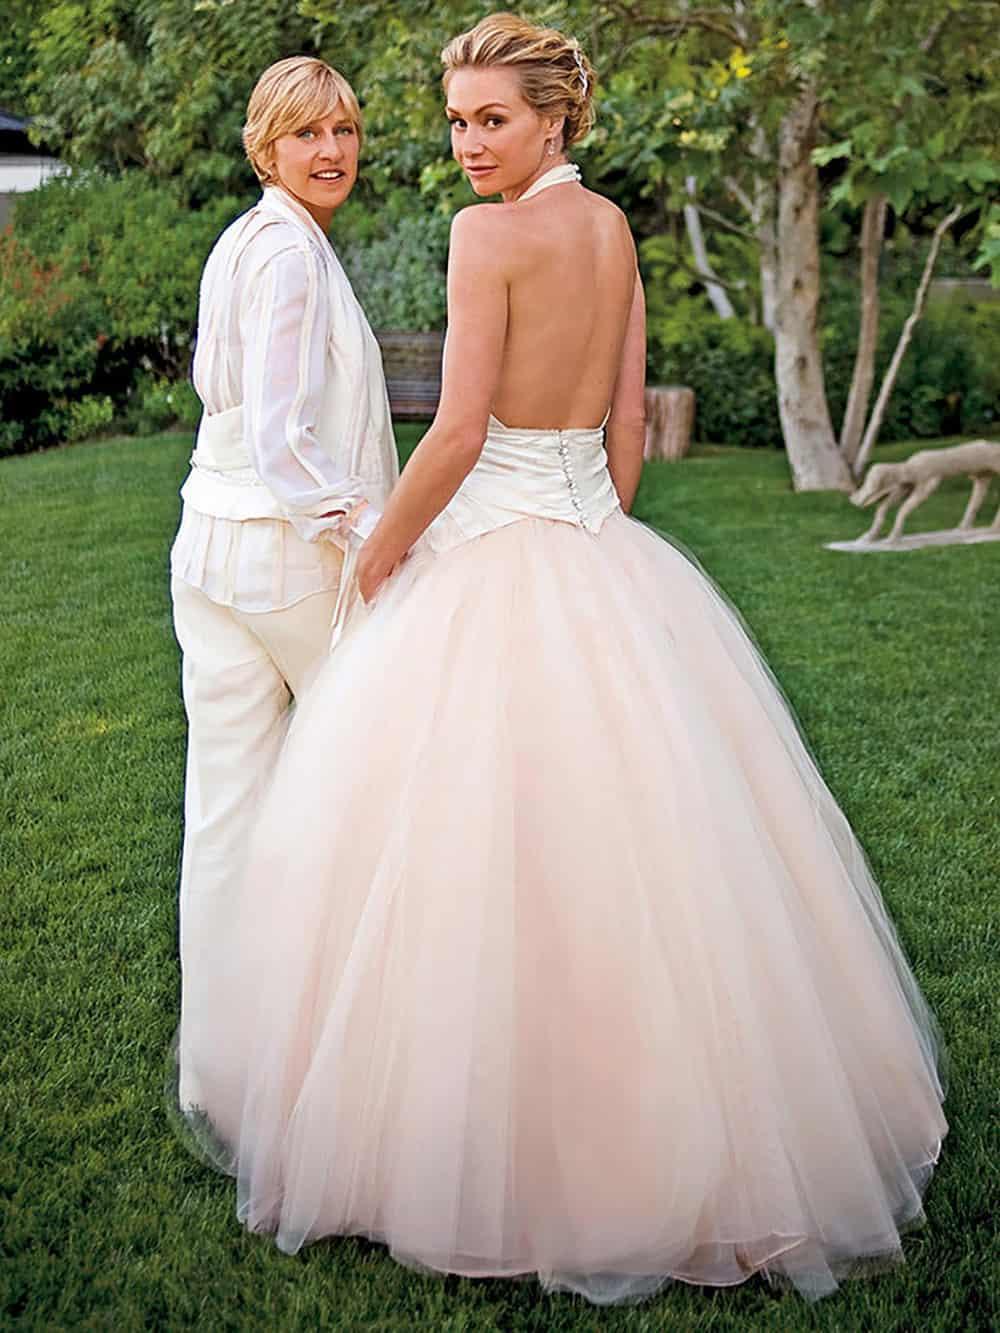 Wedding of Portia De Rossi & Ellen Degeneres.